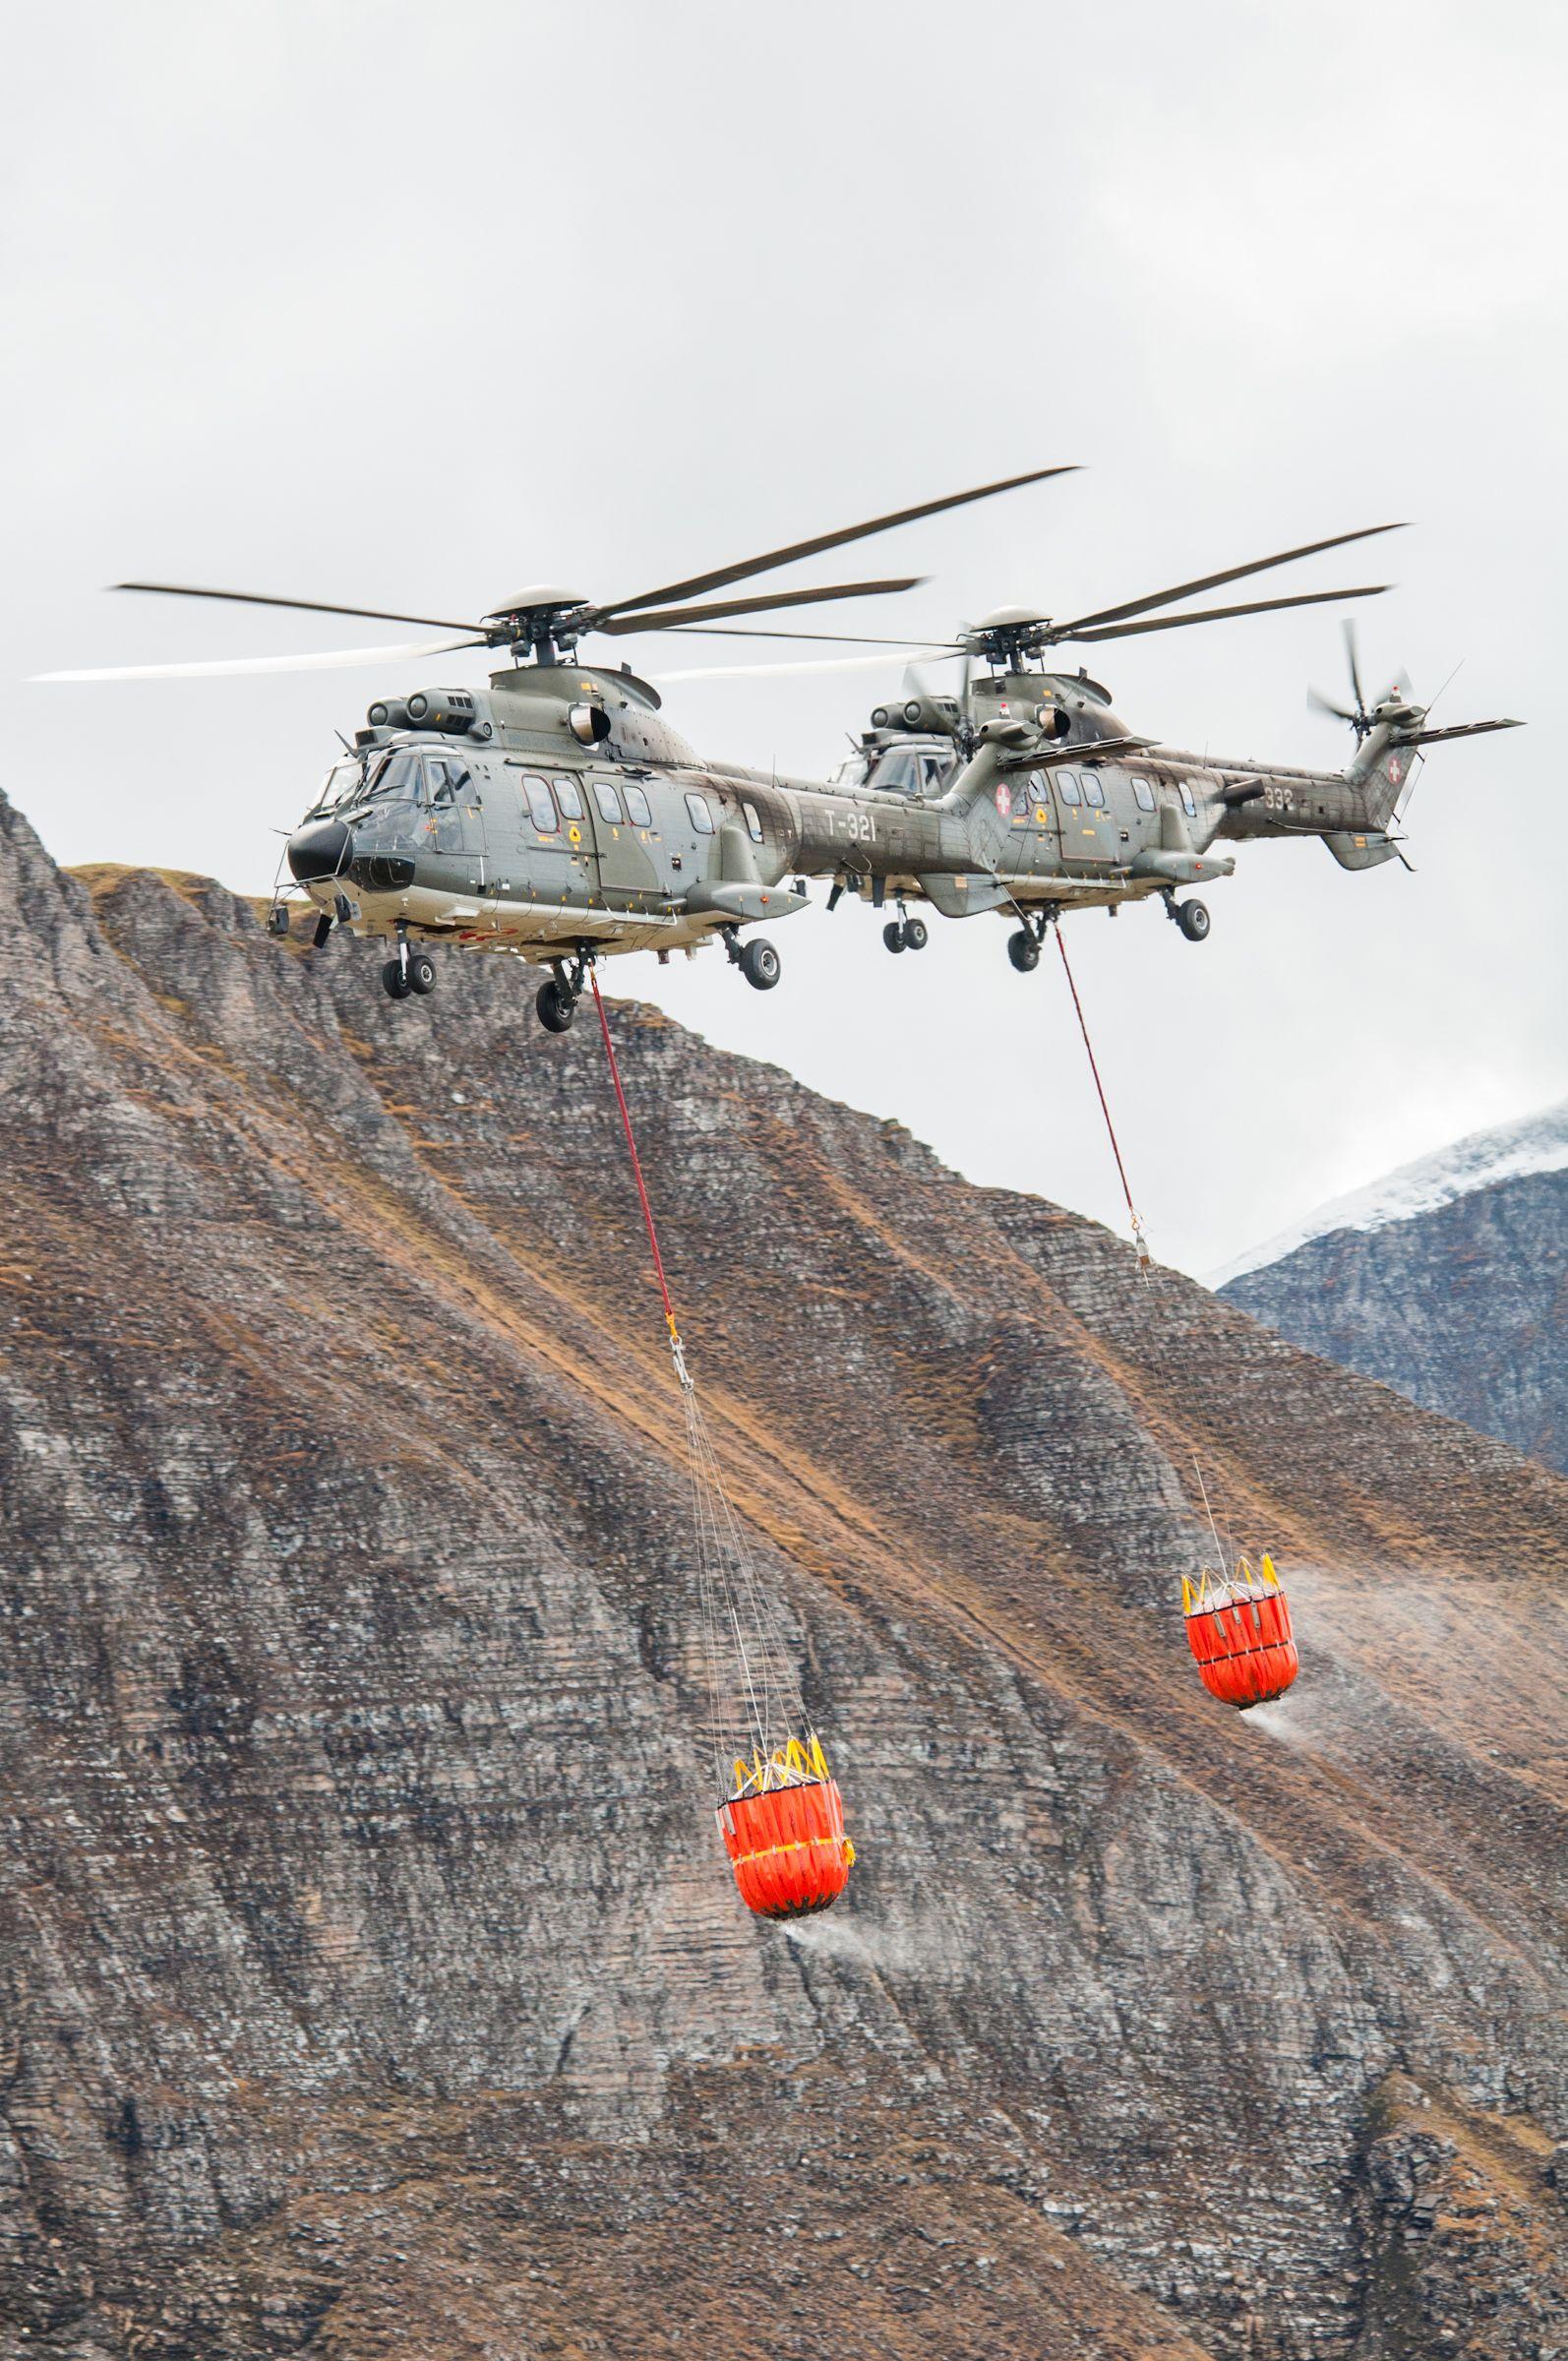 Air force live fire event Axalp 2012 - 10-11 Oct 2012 - Pagina 2 000195